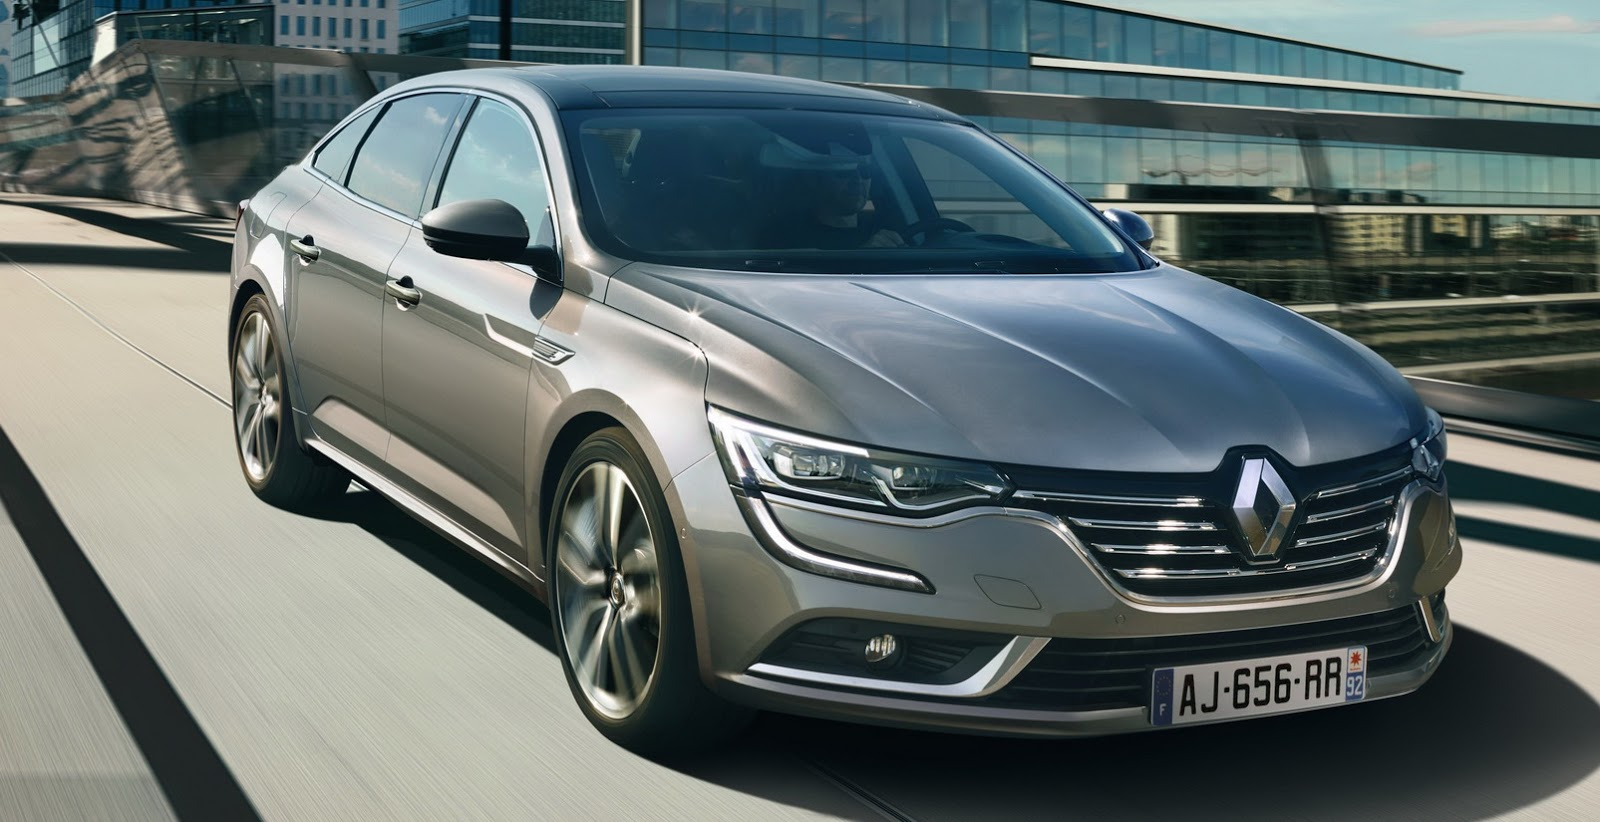 Renault Talisman Geliyor | sekizsilindir.com